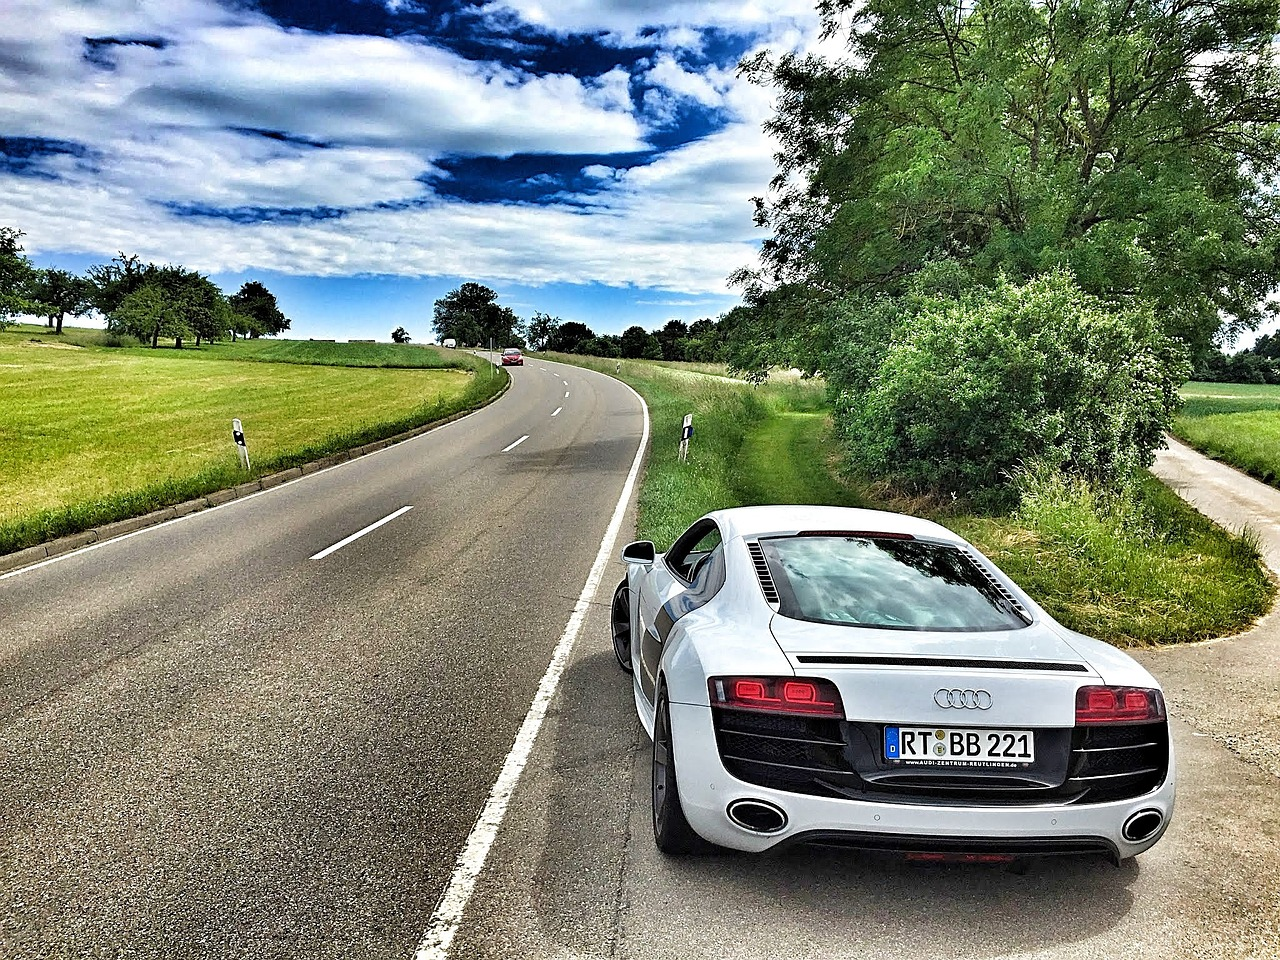 Wynajmowanie aut – coraz bardziej popularna usługa